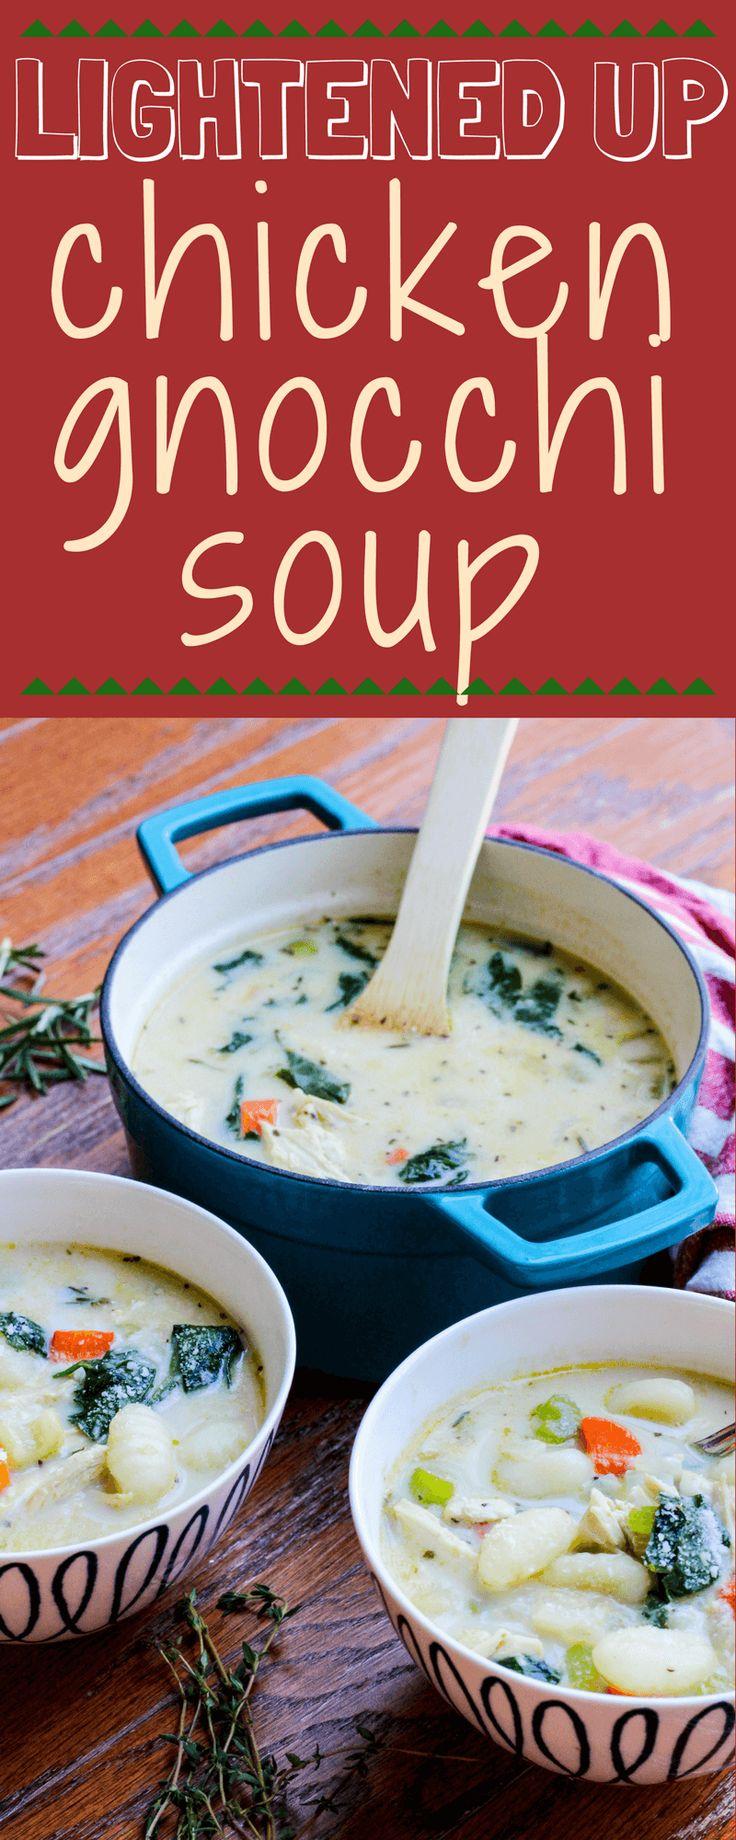 Best 25 Chicken Gnocchi Soup Ideas On Pinterest Gnocchi Soup Olive Garden Gnocchi Soup And